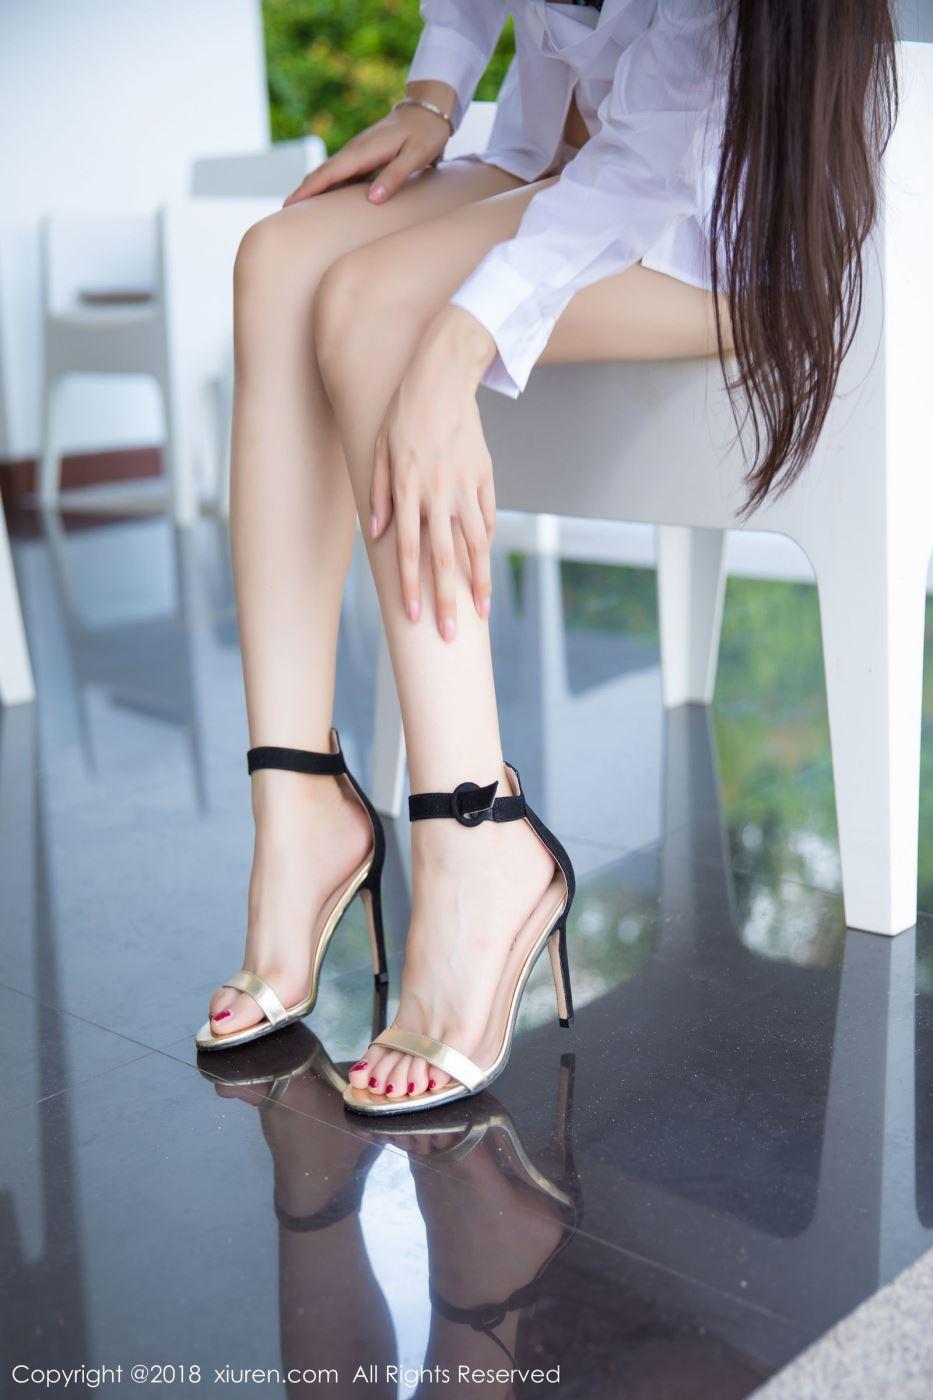 秀人网大长腿美女小热巴白衬衫蕾丝内衣诱惑写真图片